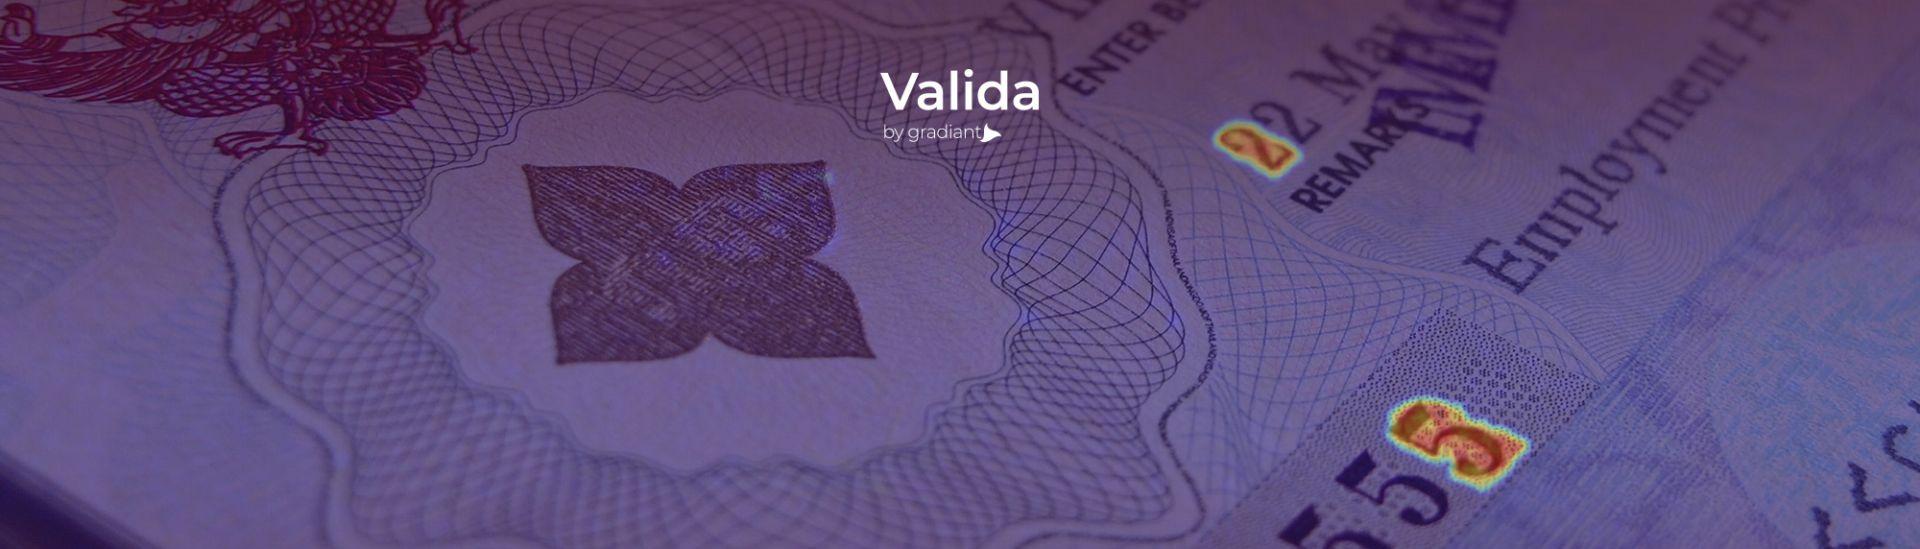 valida_slider-gradiant